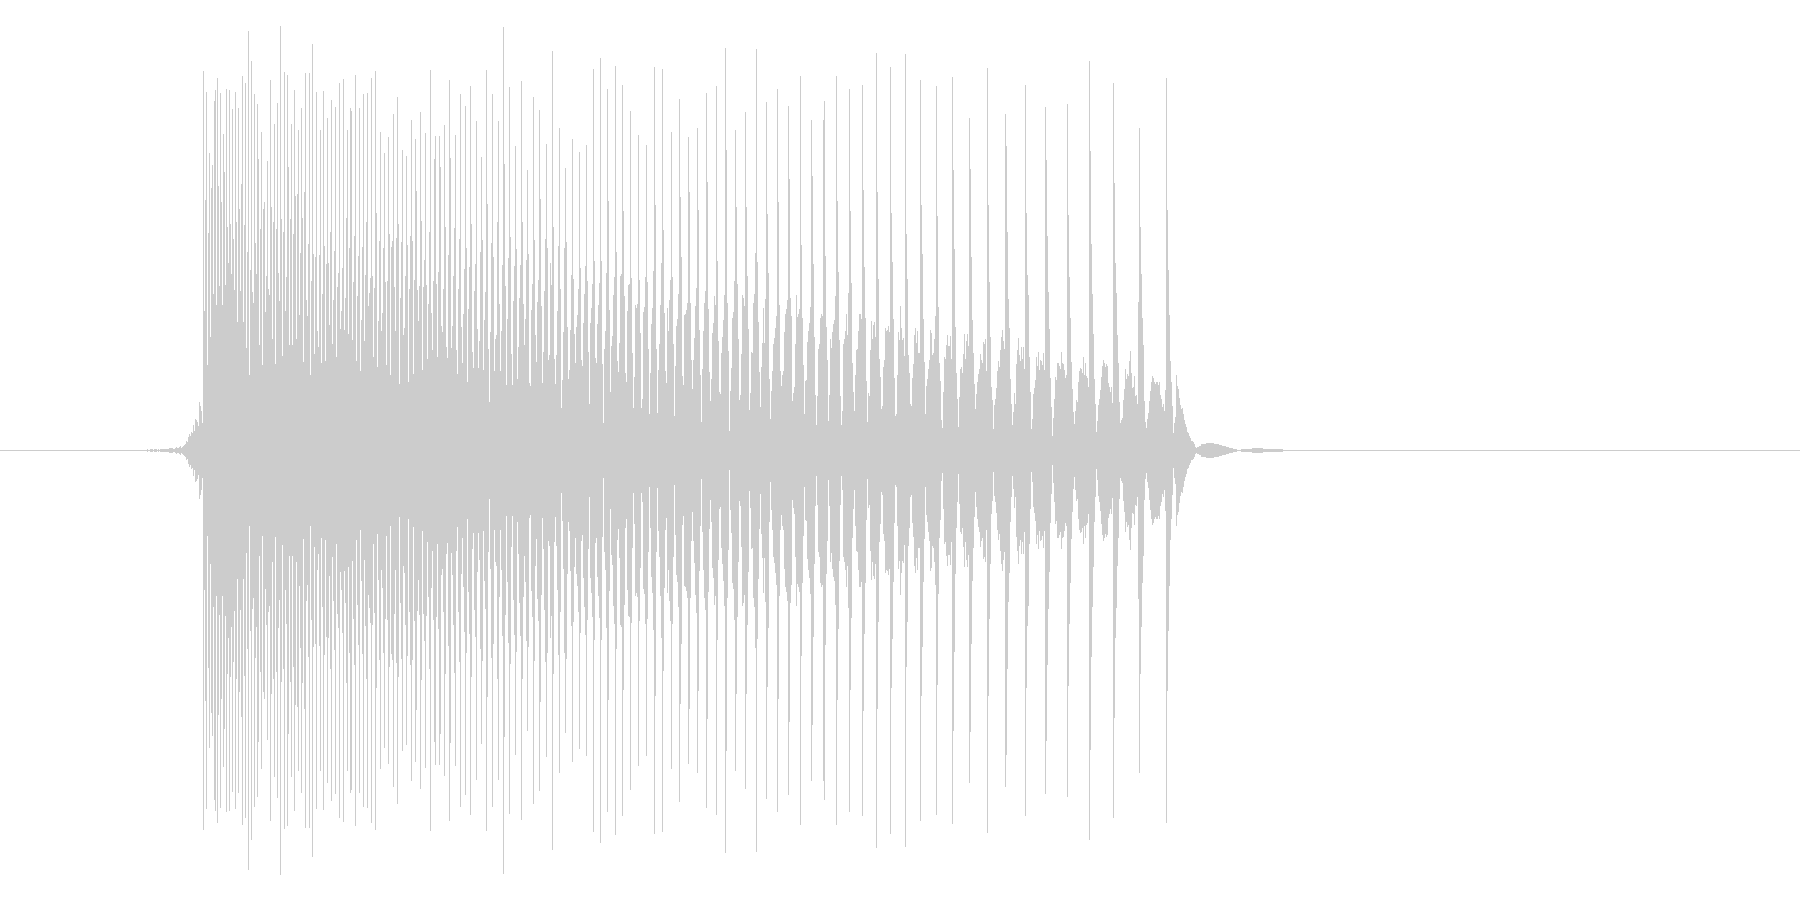 ゲーム(ファミコン風)レーザー音_011の未再生の波形